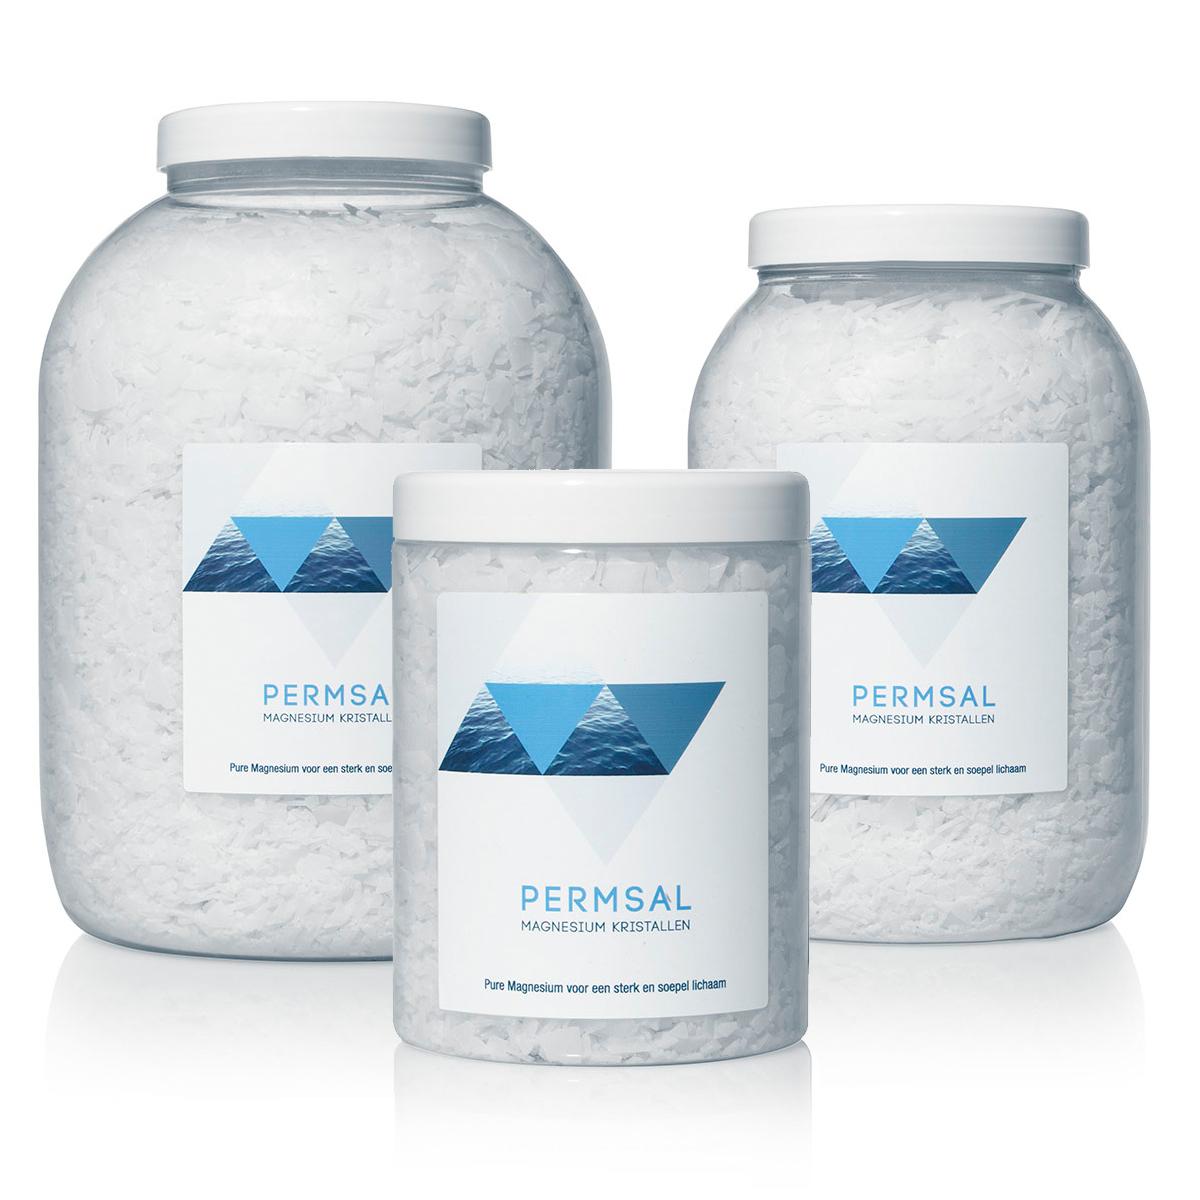 Permsal magnesium Magnesium kristallen, helpt in de stijd tegen Corona